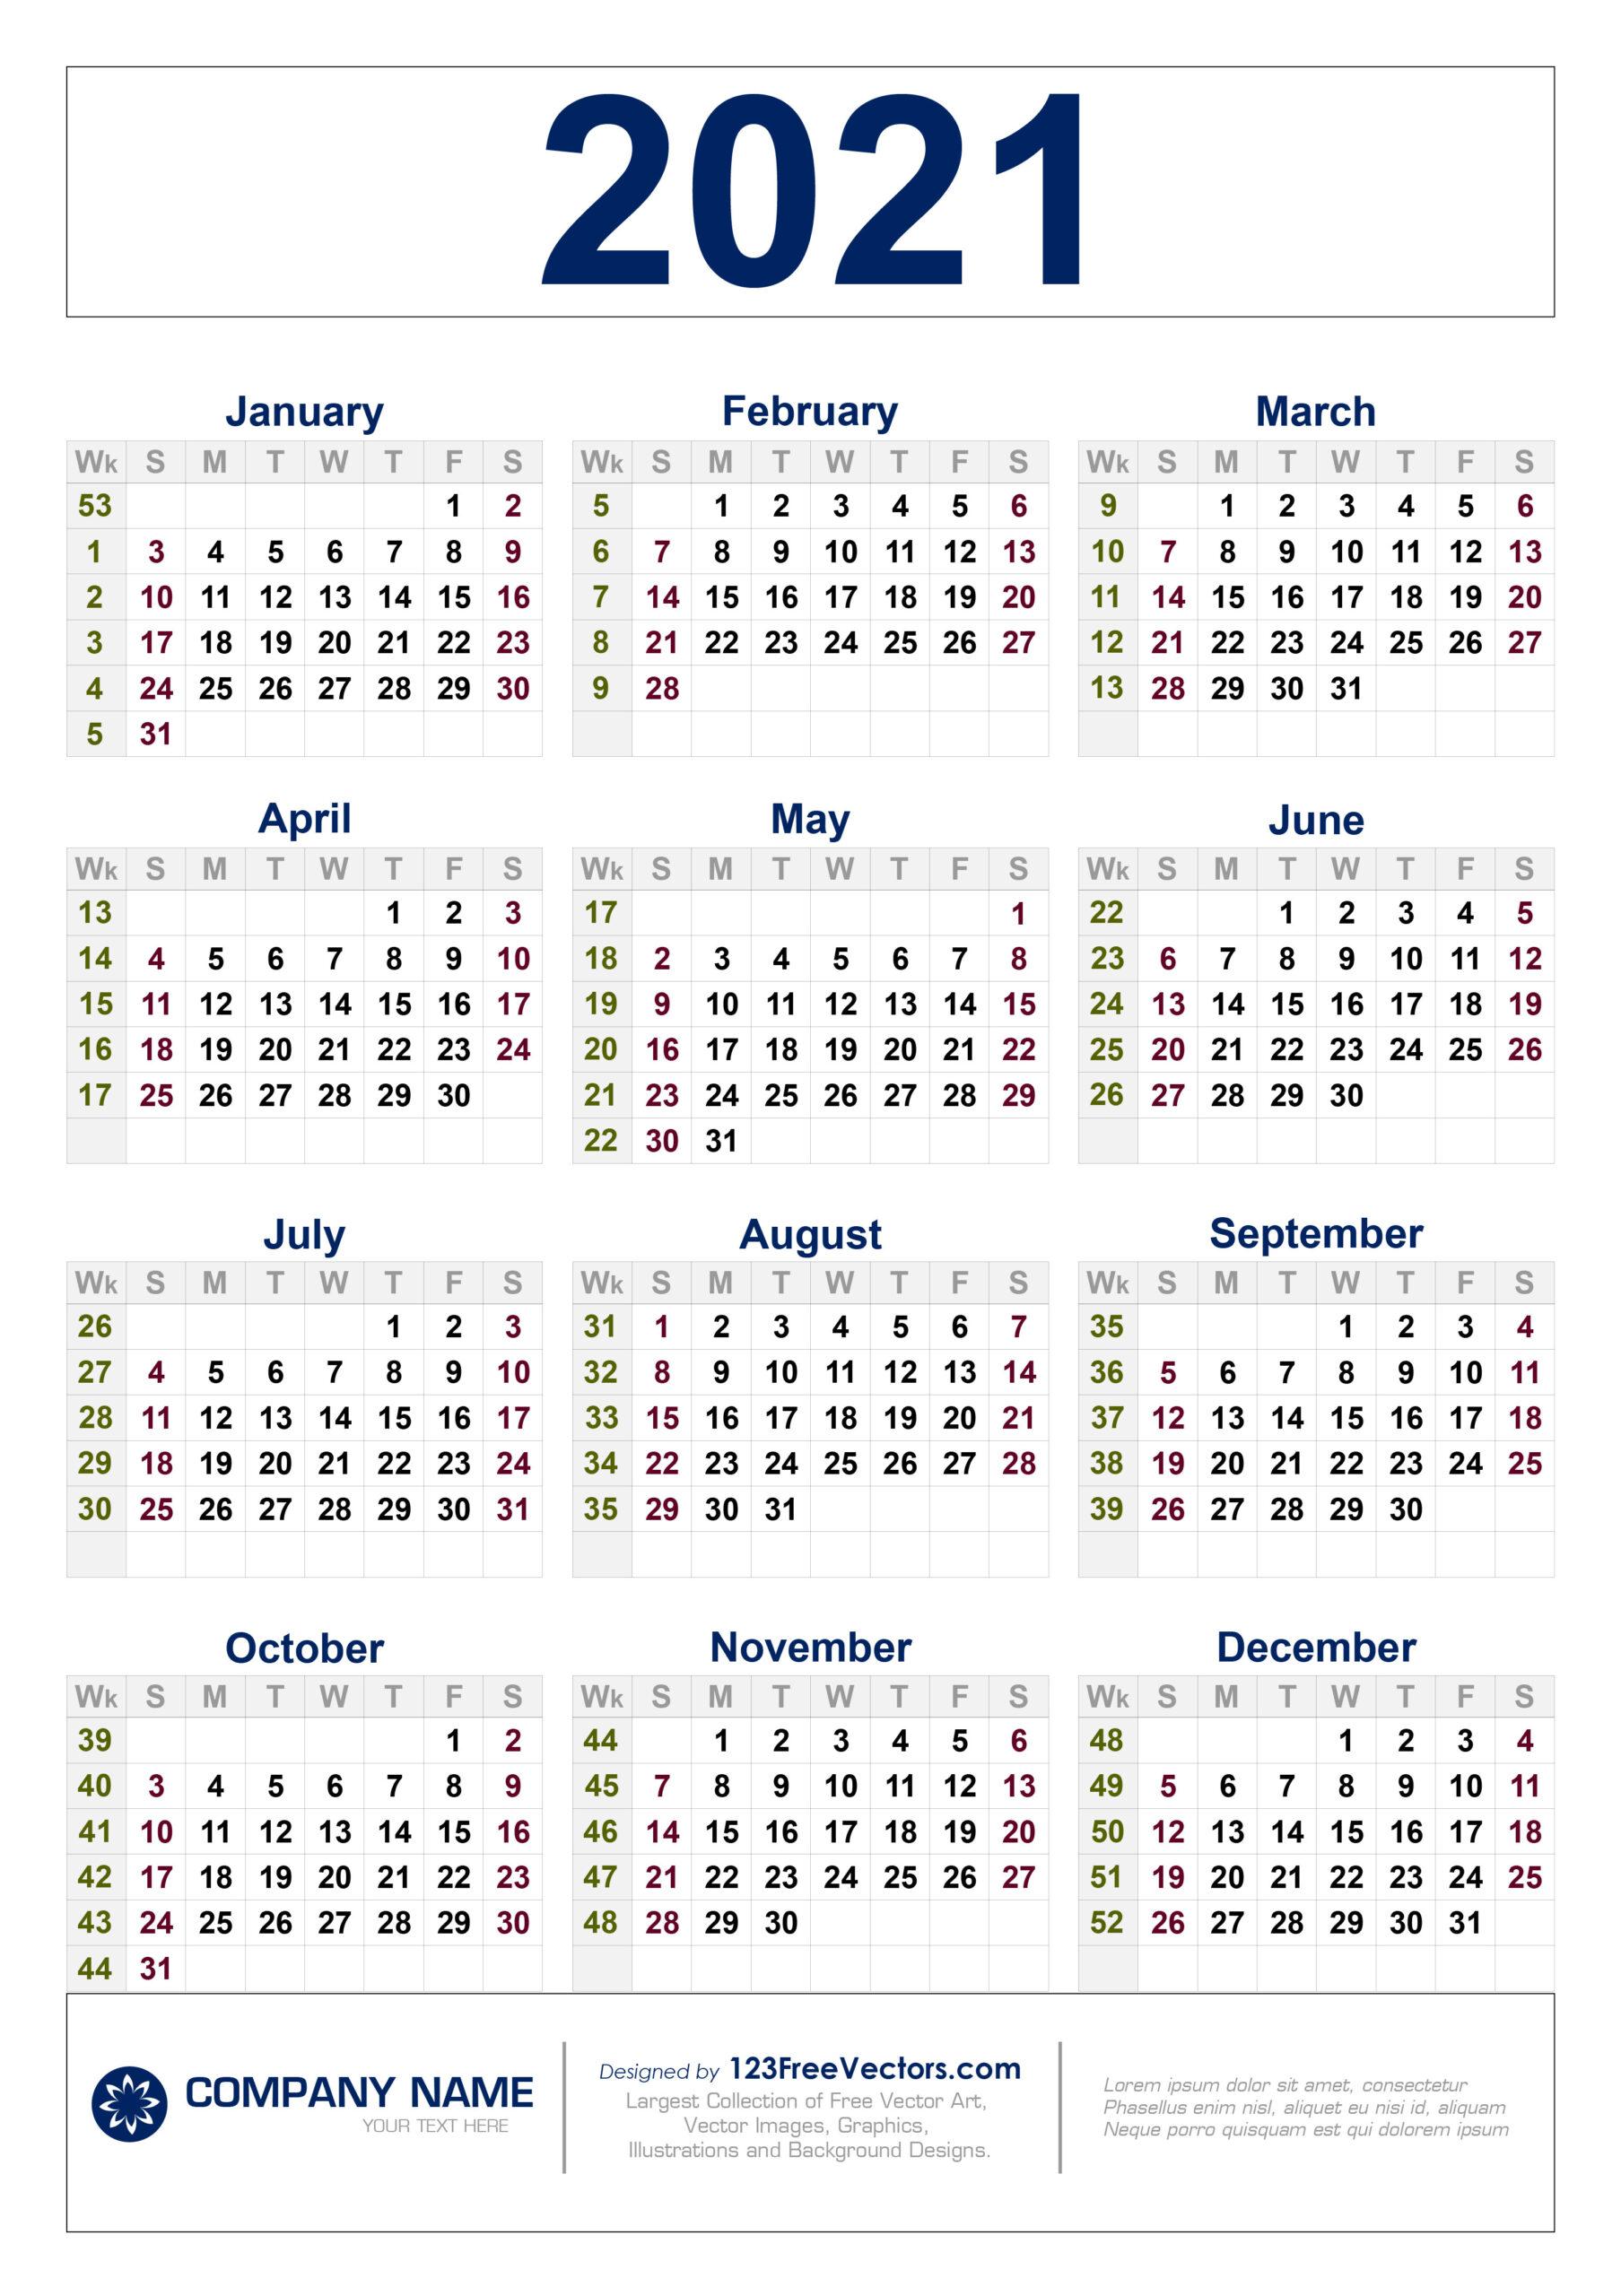 2021 Calendar With Week Number Printable Free / Week-2021 Absentee Calendar